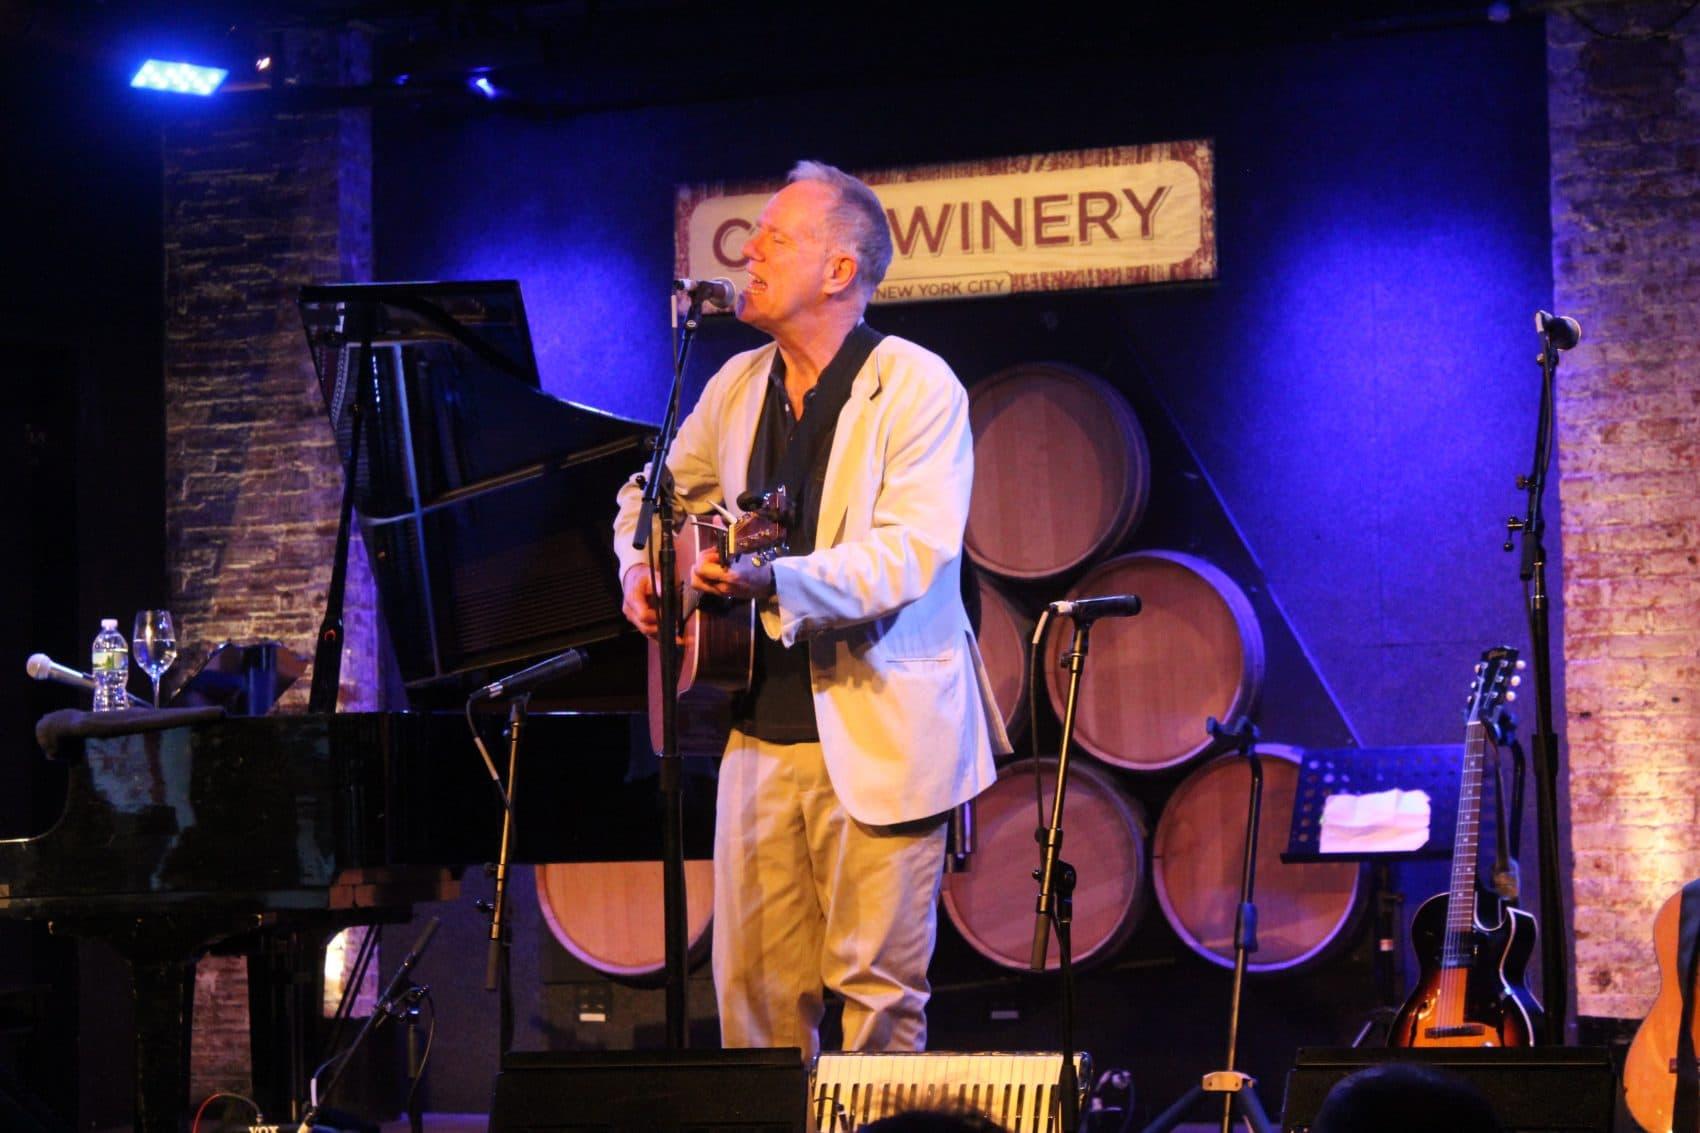 Loudon Wainwright III performing at City Winery's New York City location. (Courtesy City Winery)